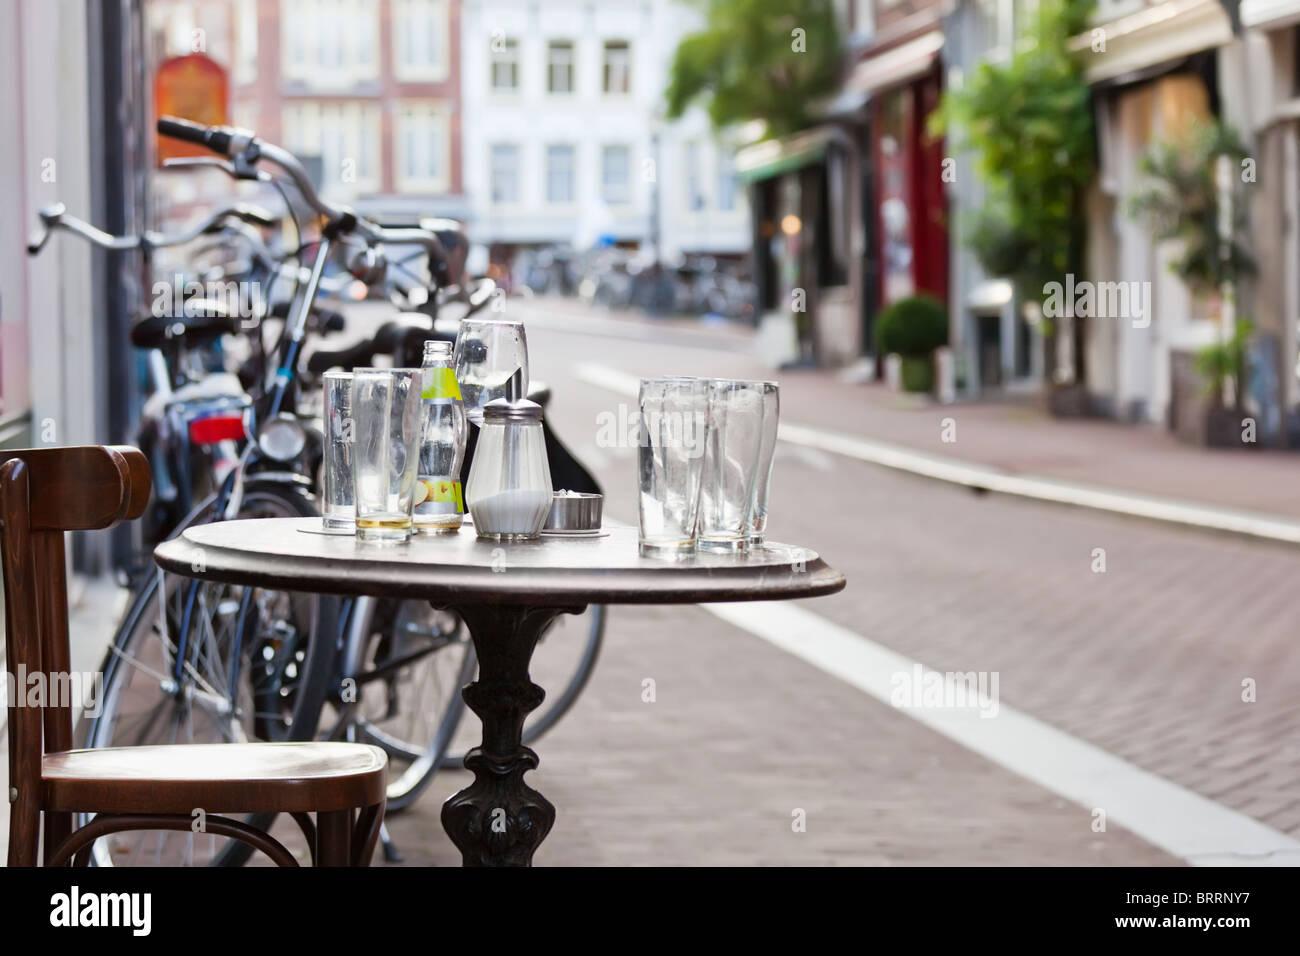 The street scene in Amsterdam - Stock Image